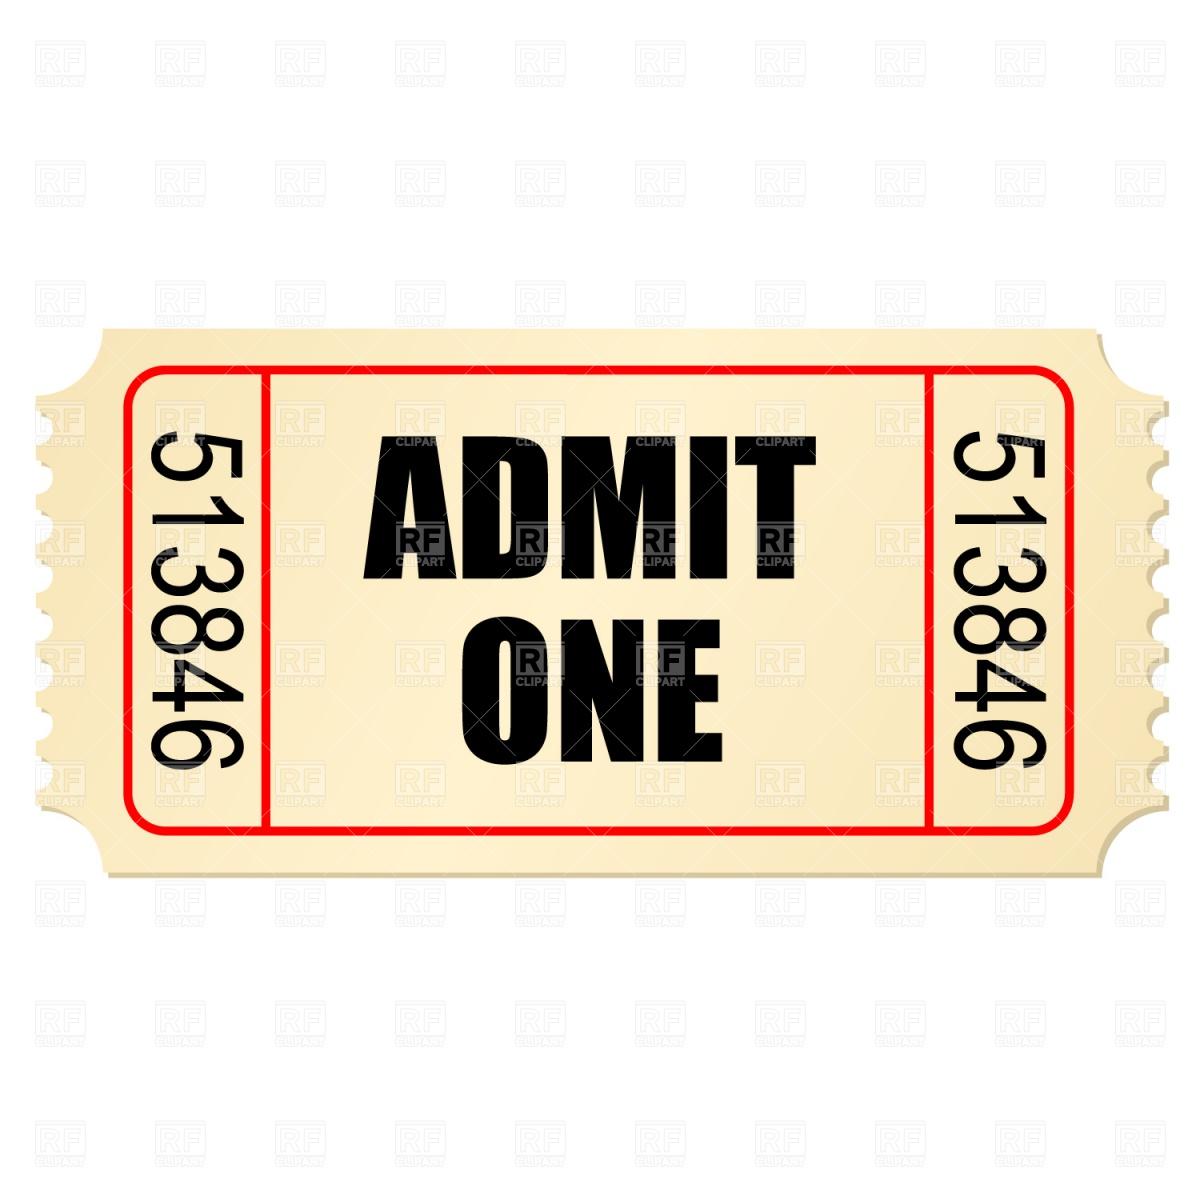 1200x1200 Movie Ticket Stub Vector Image Vector Artwork Of Signs, Symbols